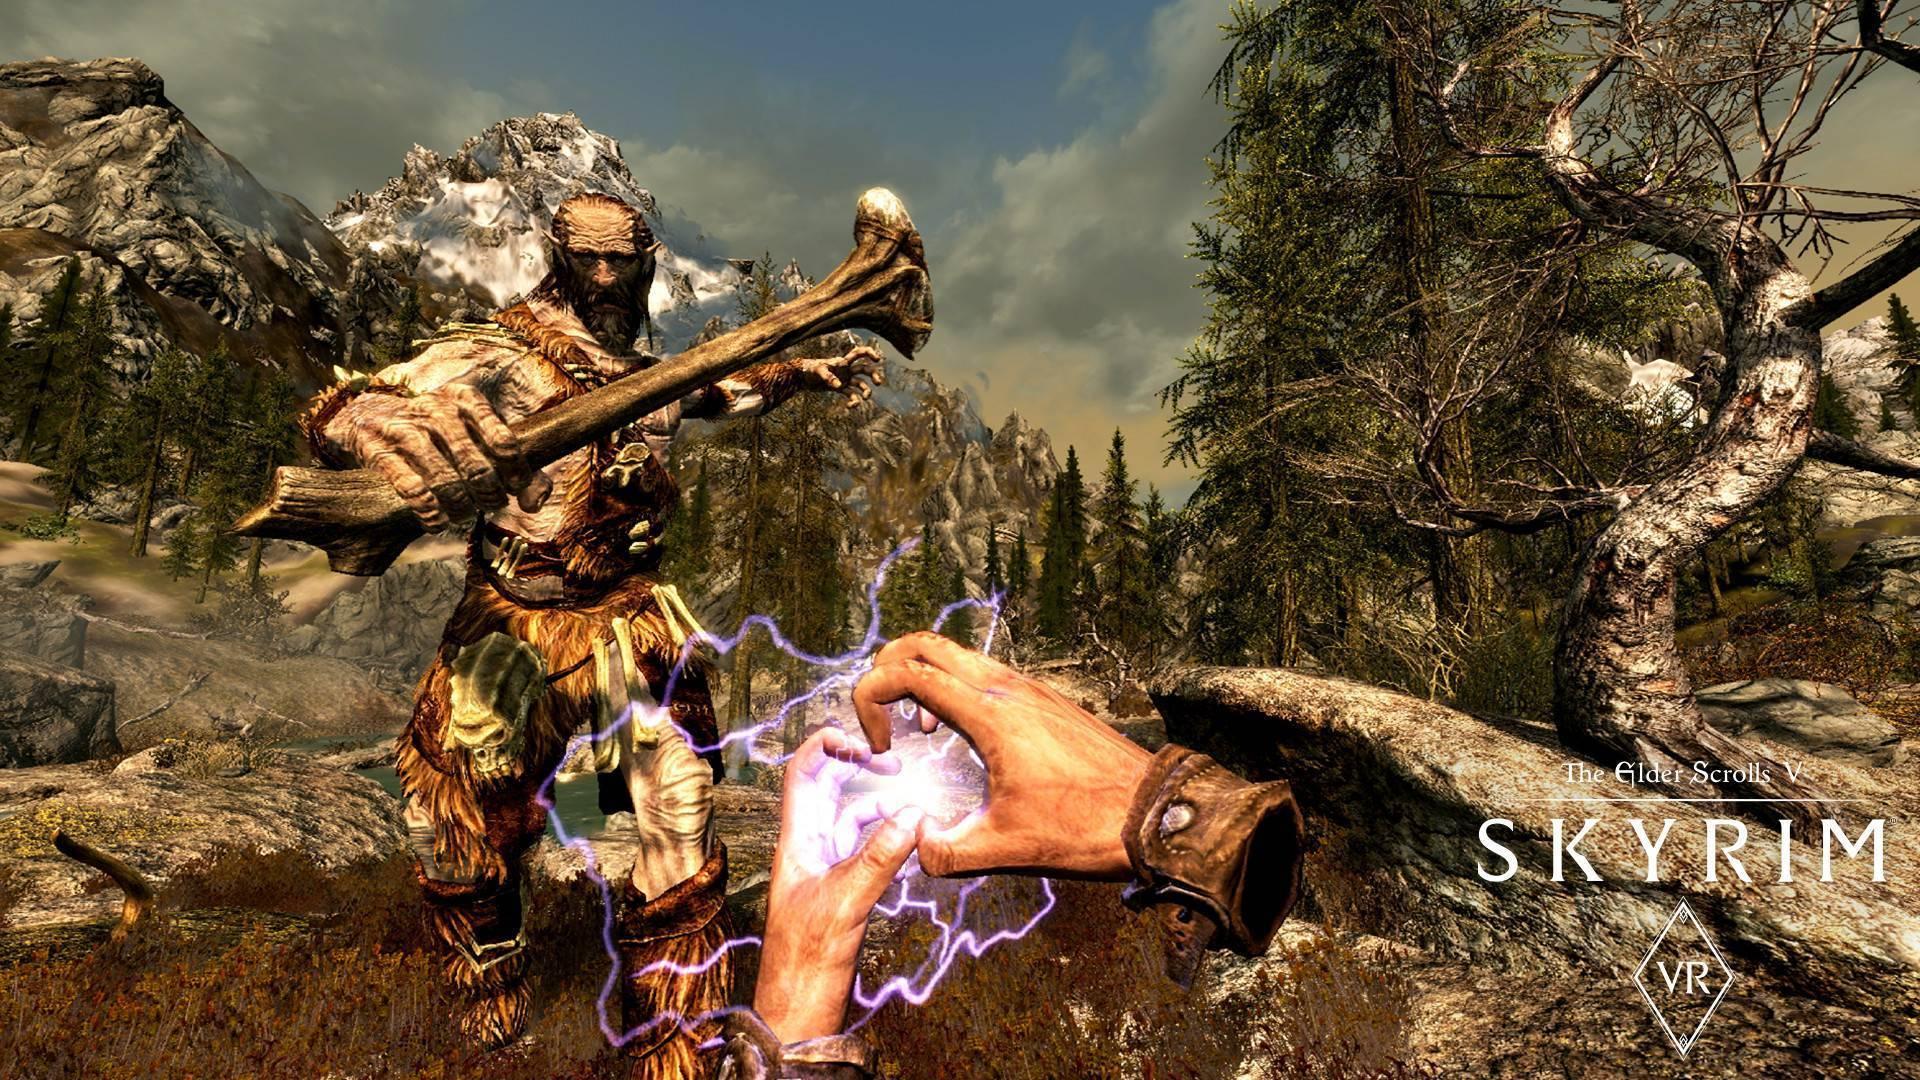 Buy The Elder Scrolls V: Skyrim VR Pc Cd Key For Steam